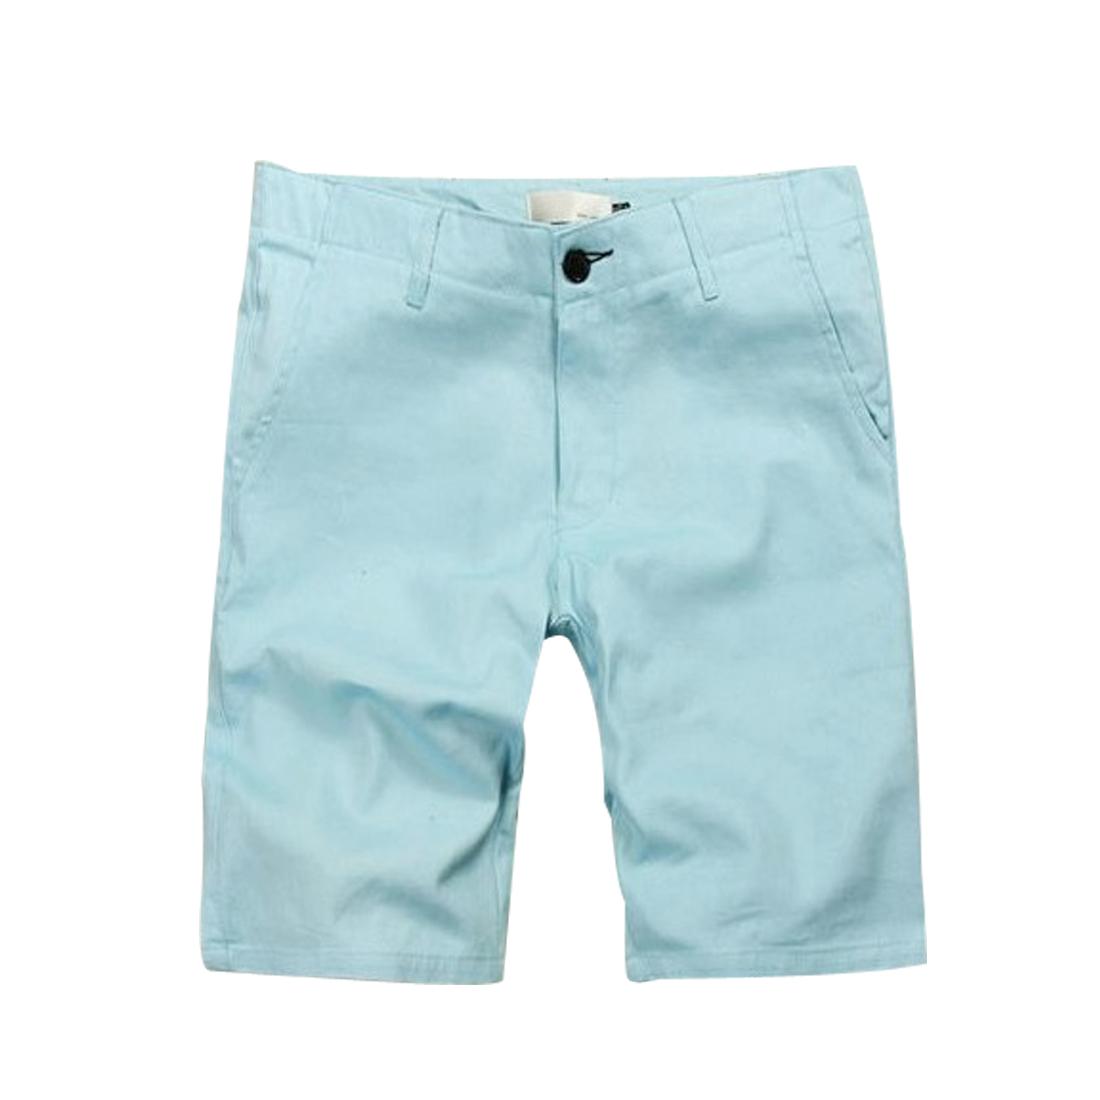 Men Summer Leisure Belt Loop Solid Sky Blue Knee Length Trousers Pants W30